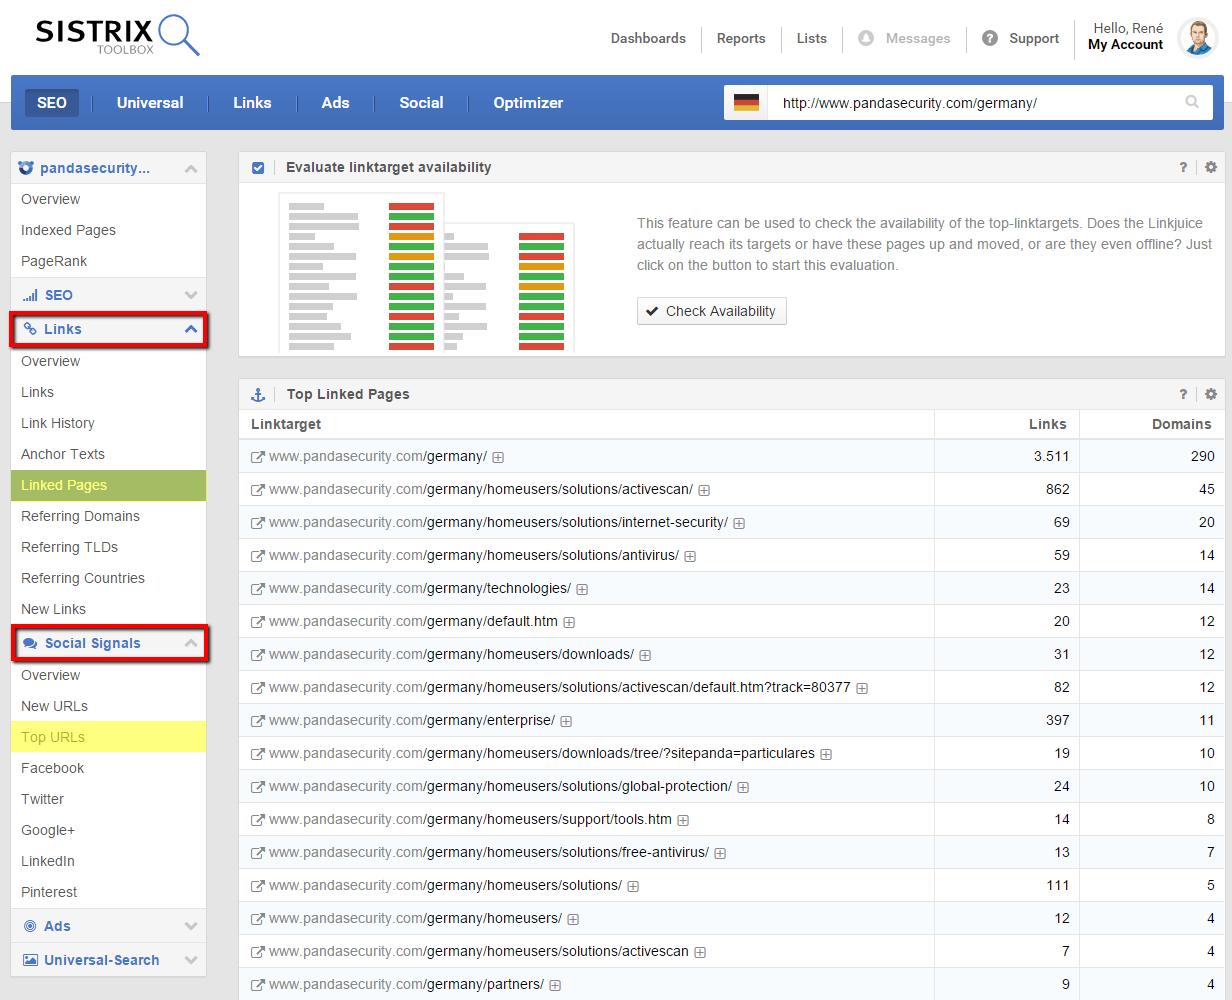 SISTRIX Toolbox zeigt URLs mit wichtigen Backlinks und vielen Social Mentions